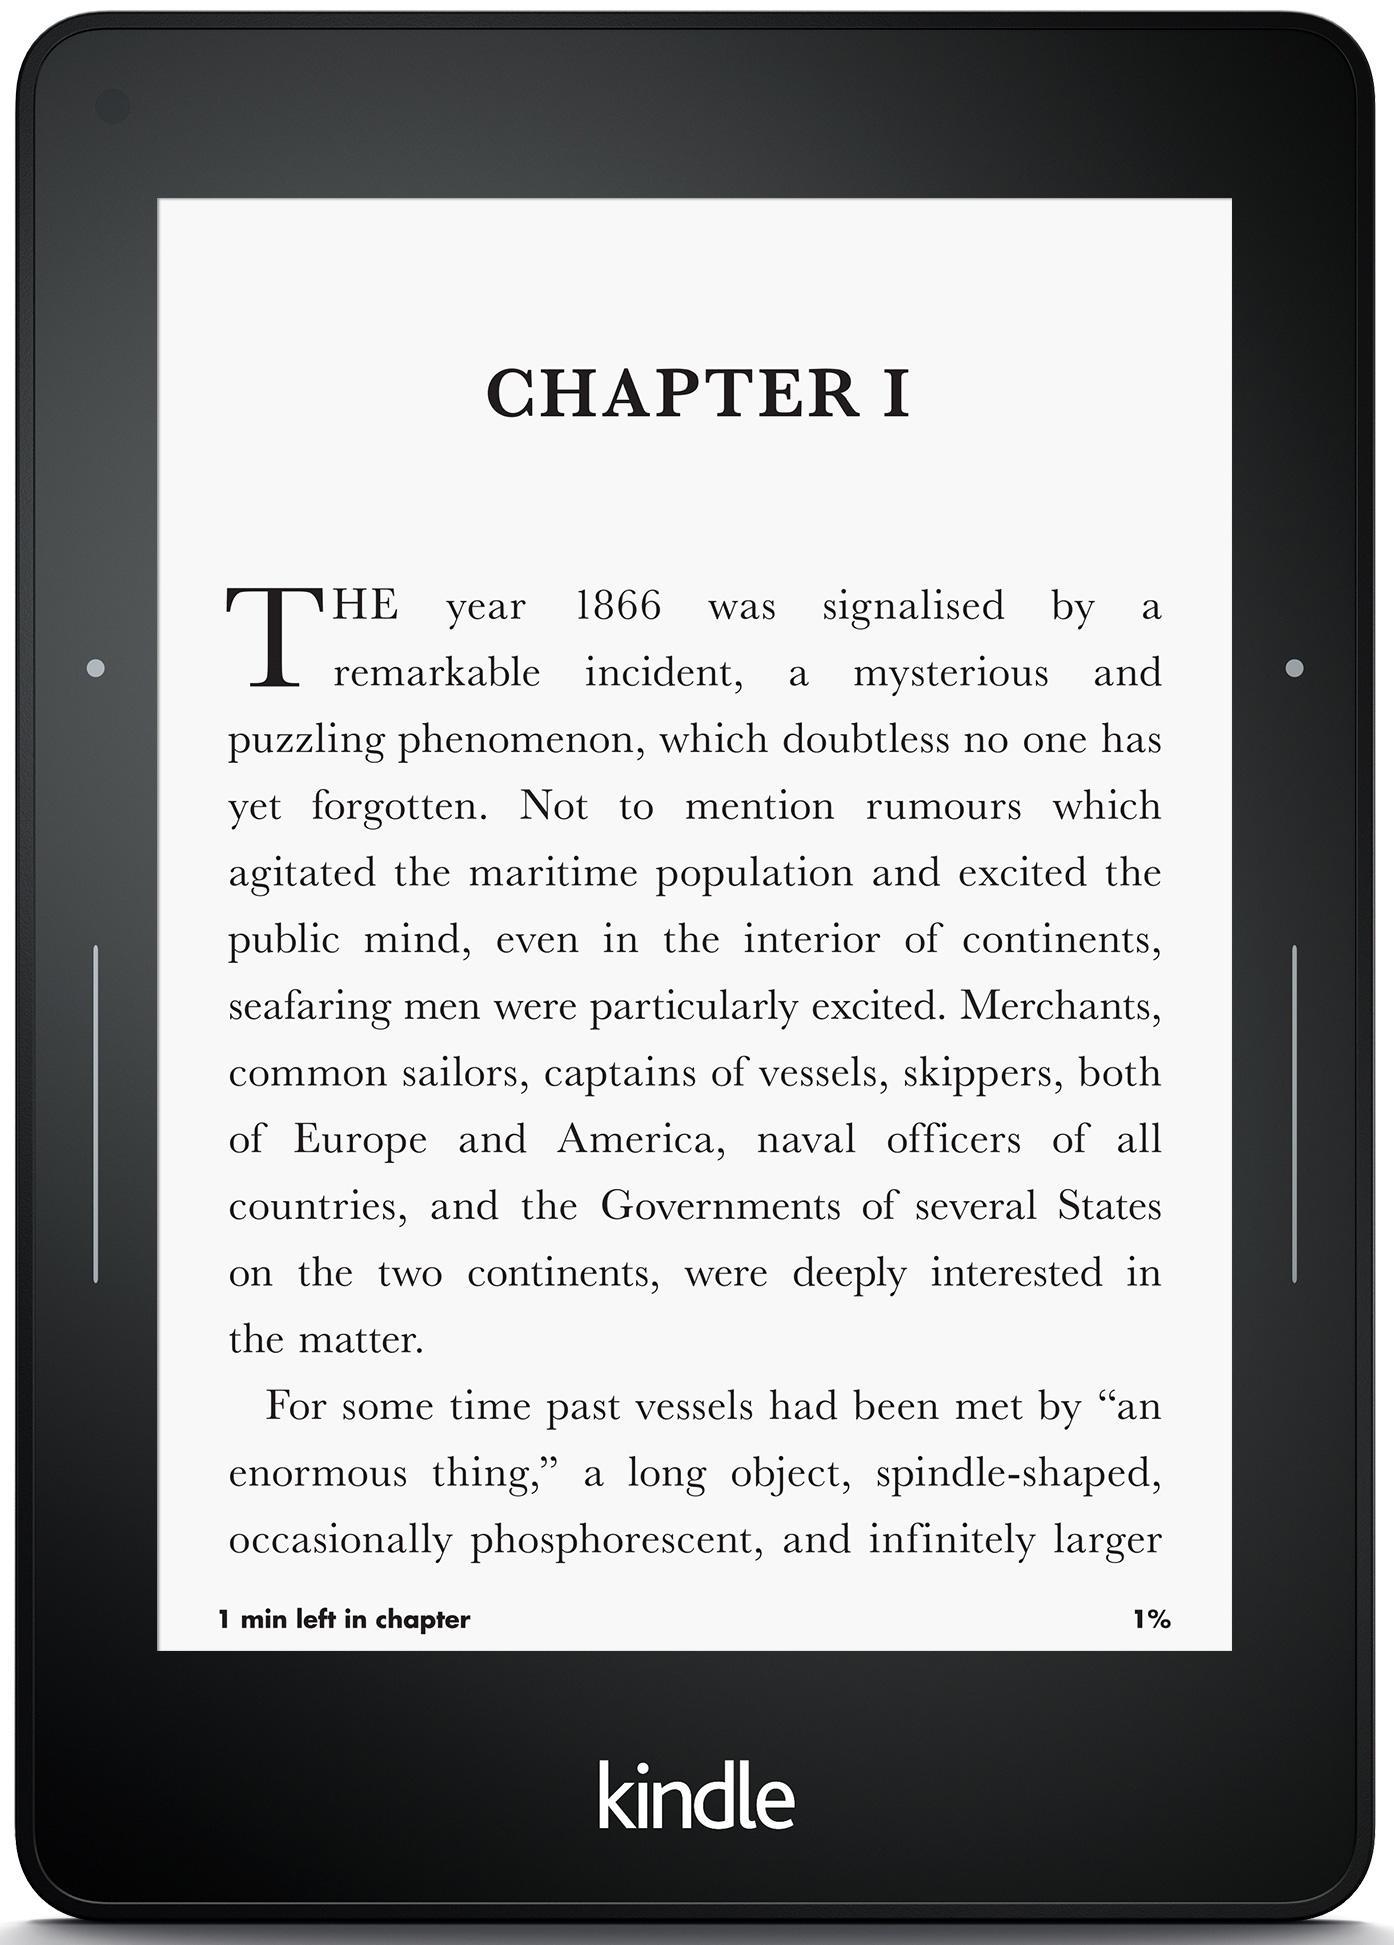 """Sélection de promotions sur les Kindles - Ex : Kindle Voyage 6"""" - Wifi, éclairage frontal adaptatif"""